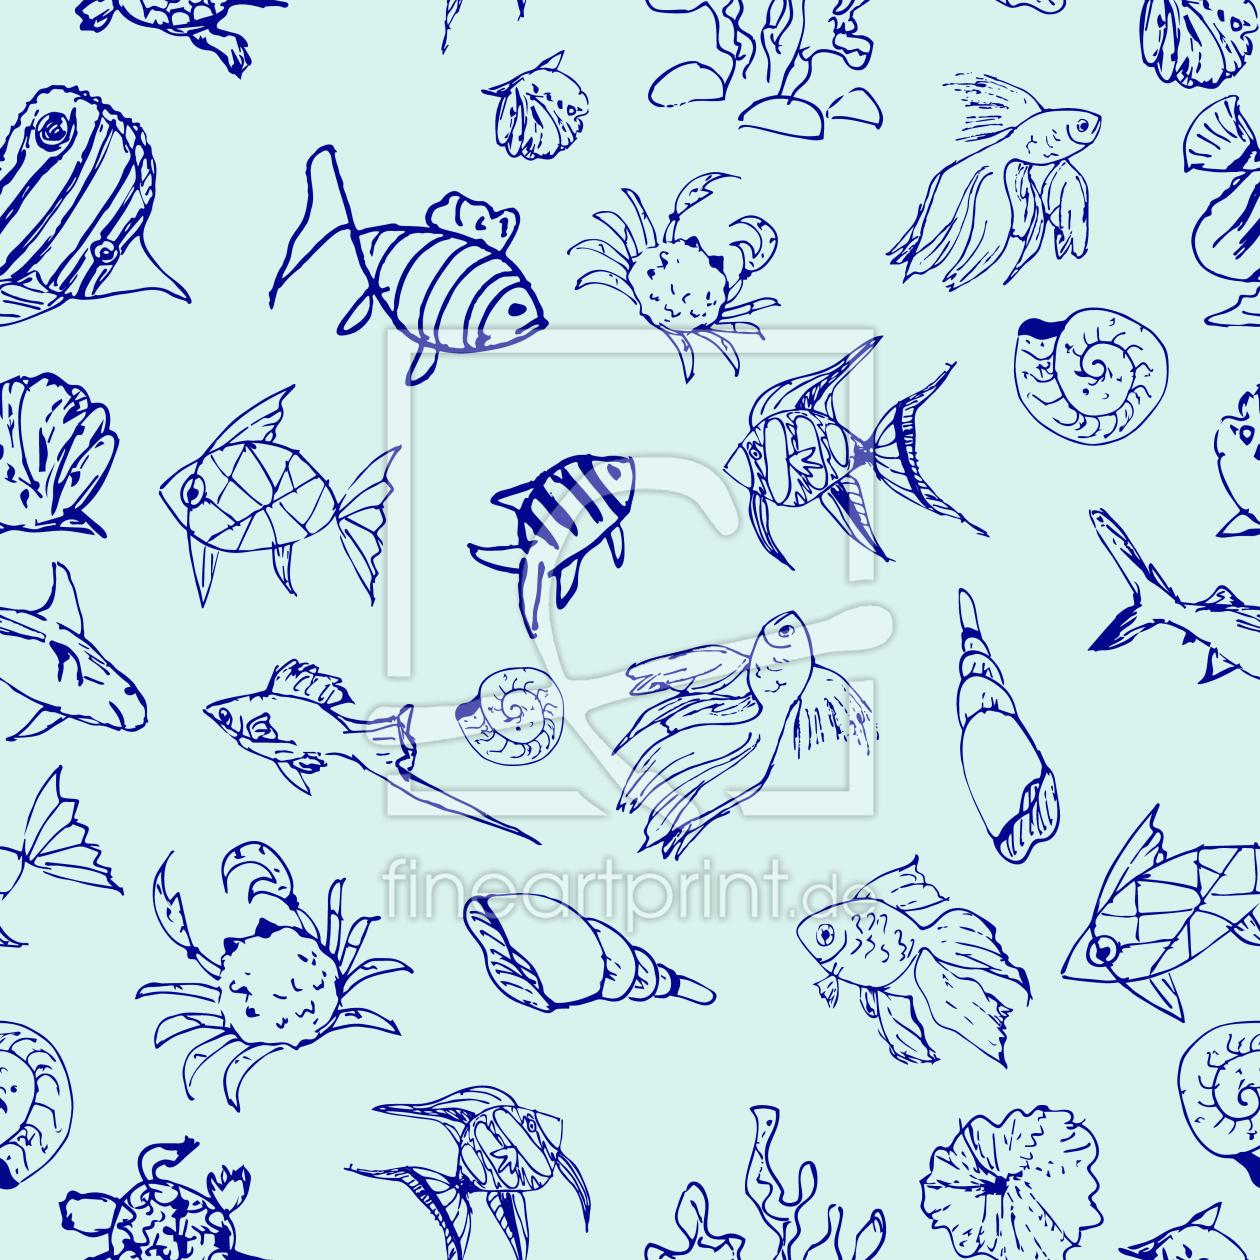 wirbel muscheln als leinwand von patterndesigns com. Black Bedroom Furniture Sets. Home Design Ideas